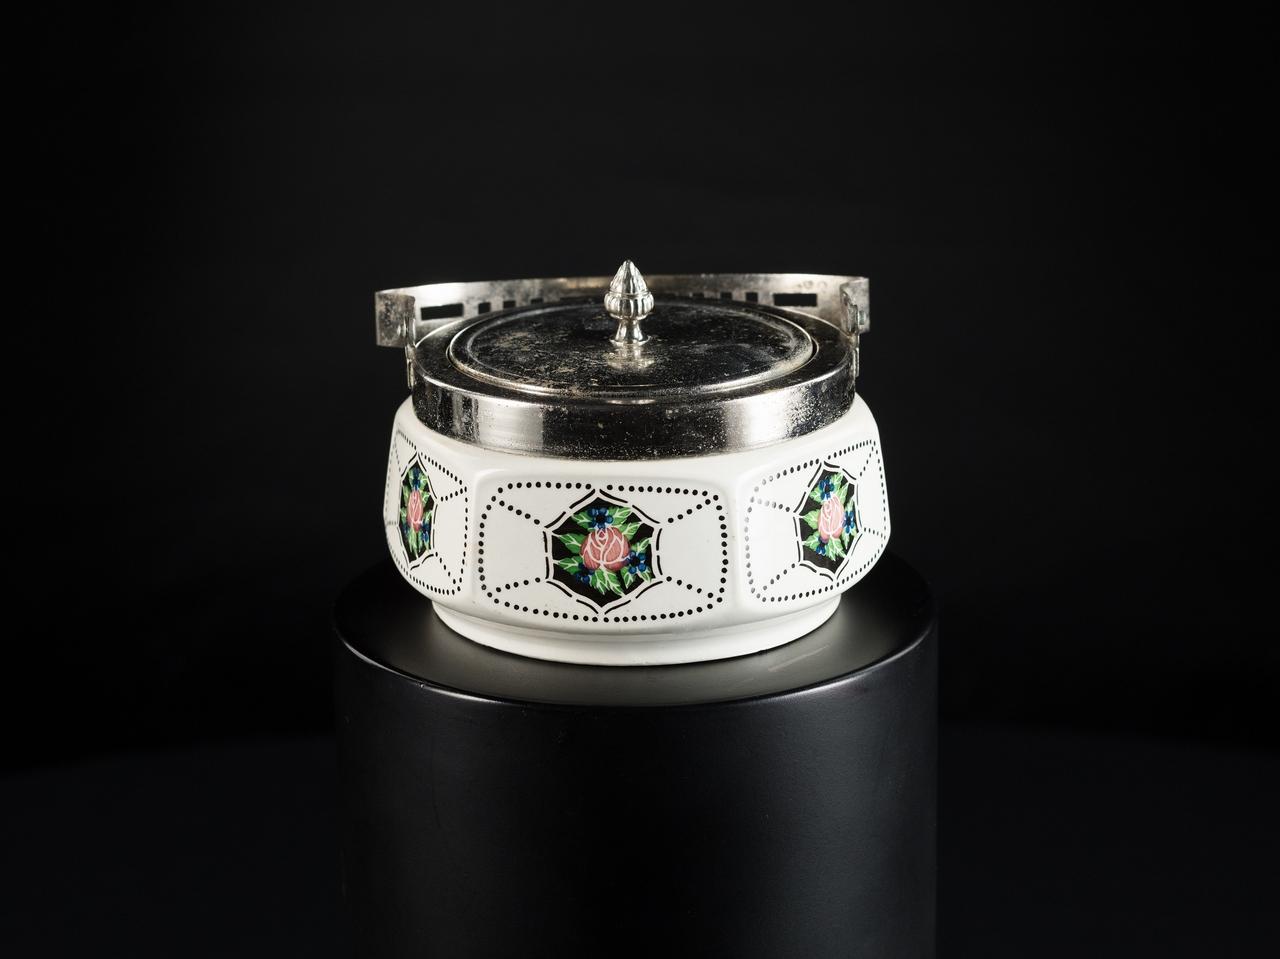 Cukornička porcelánová - Zuckerdoese Porzellan